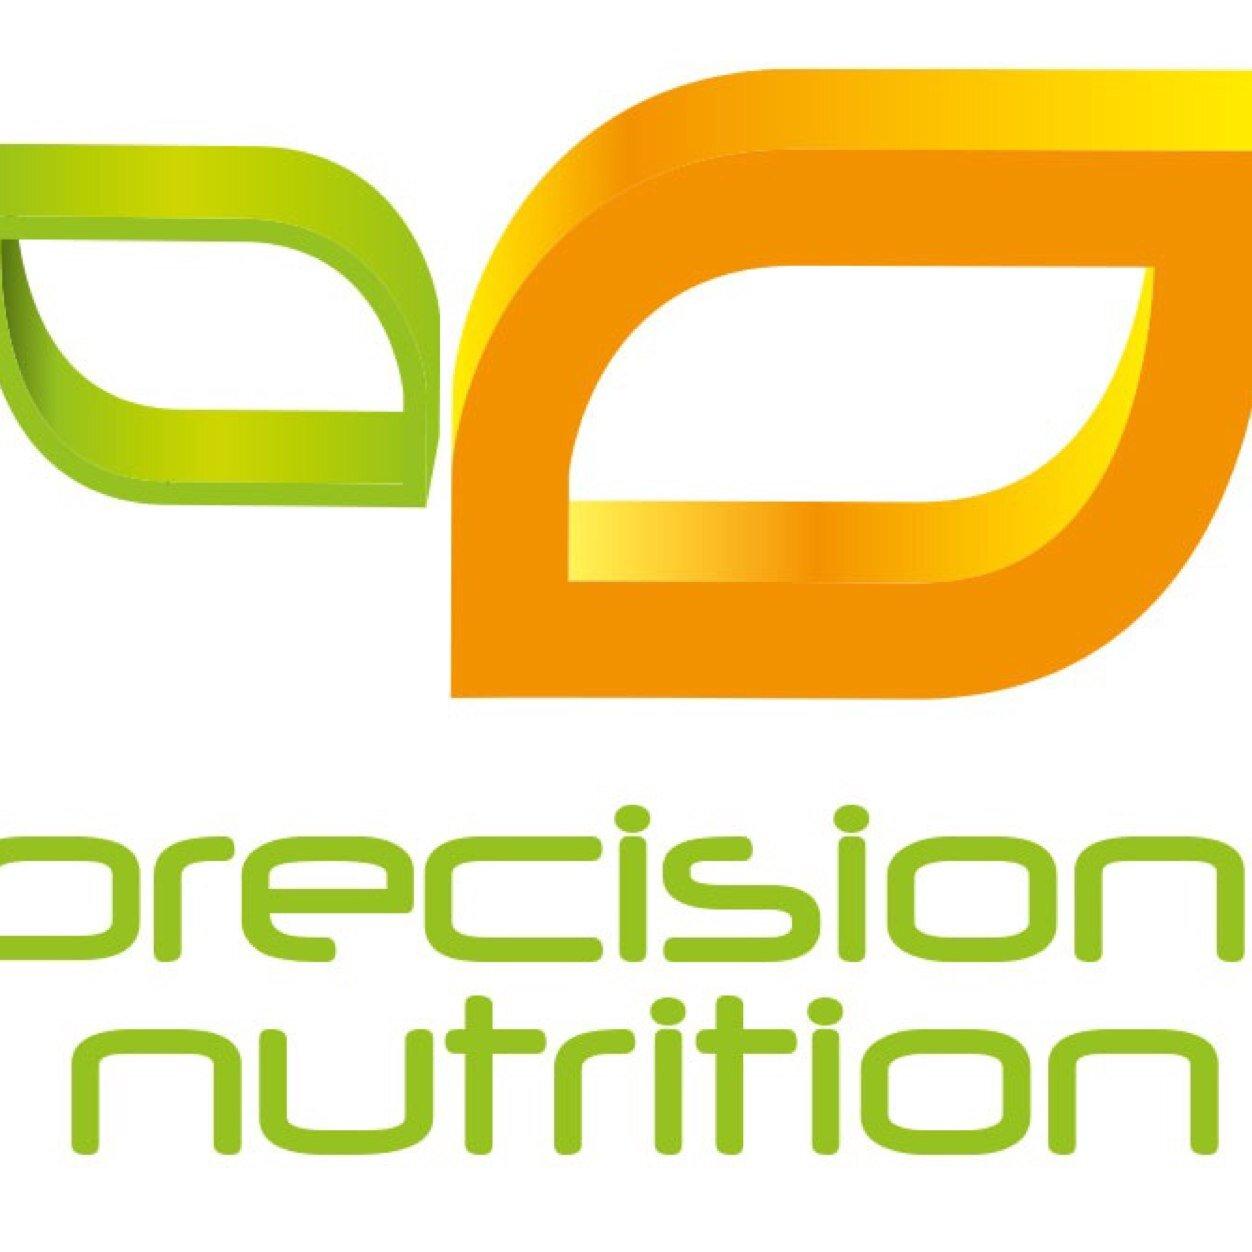 Precision Nutrition (@PrecisionNutri) | Twitter